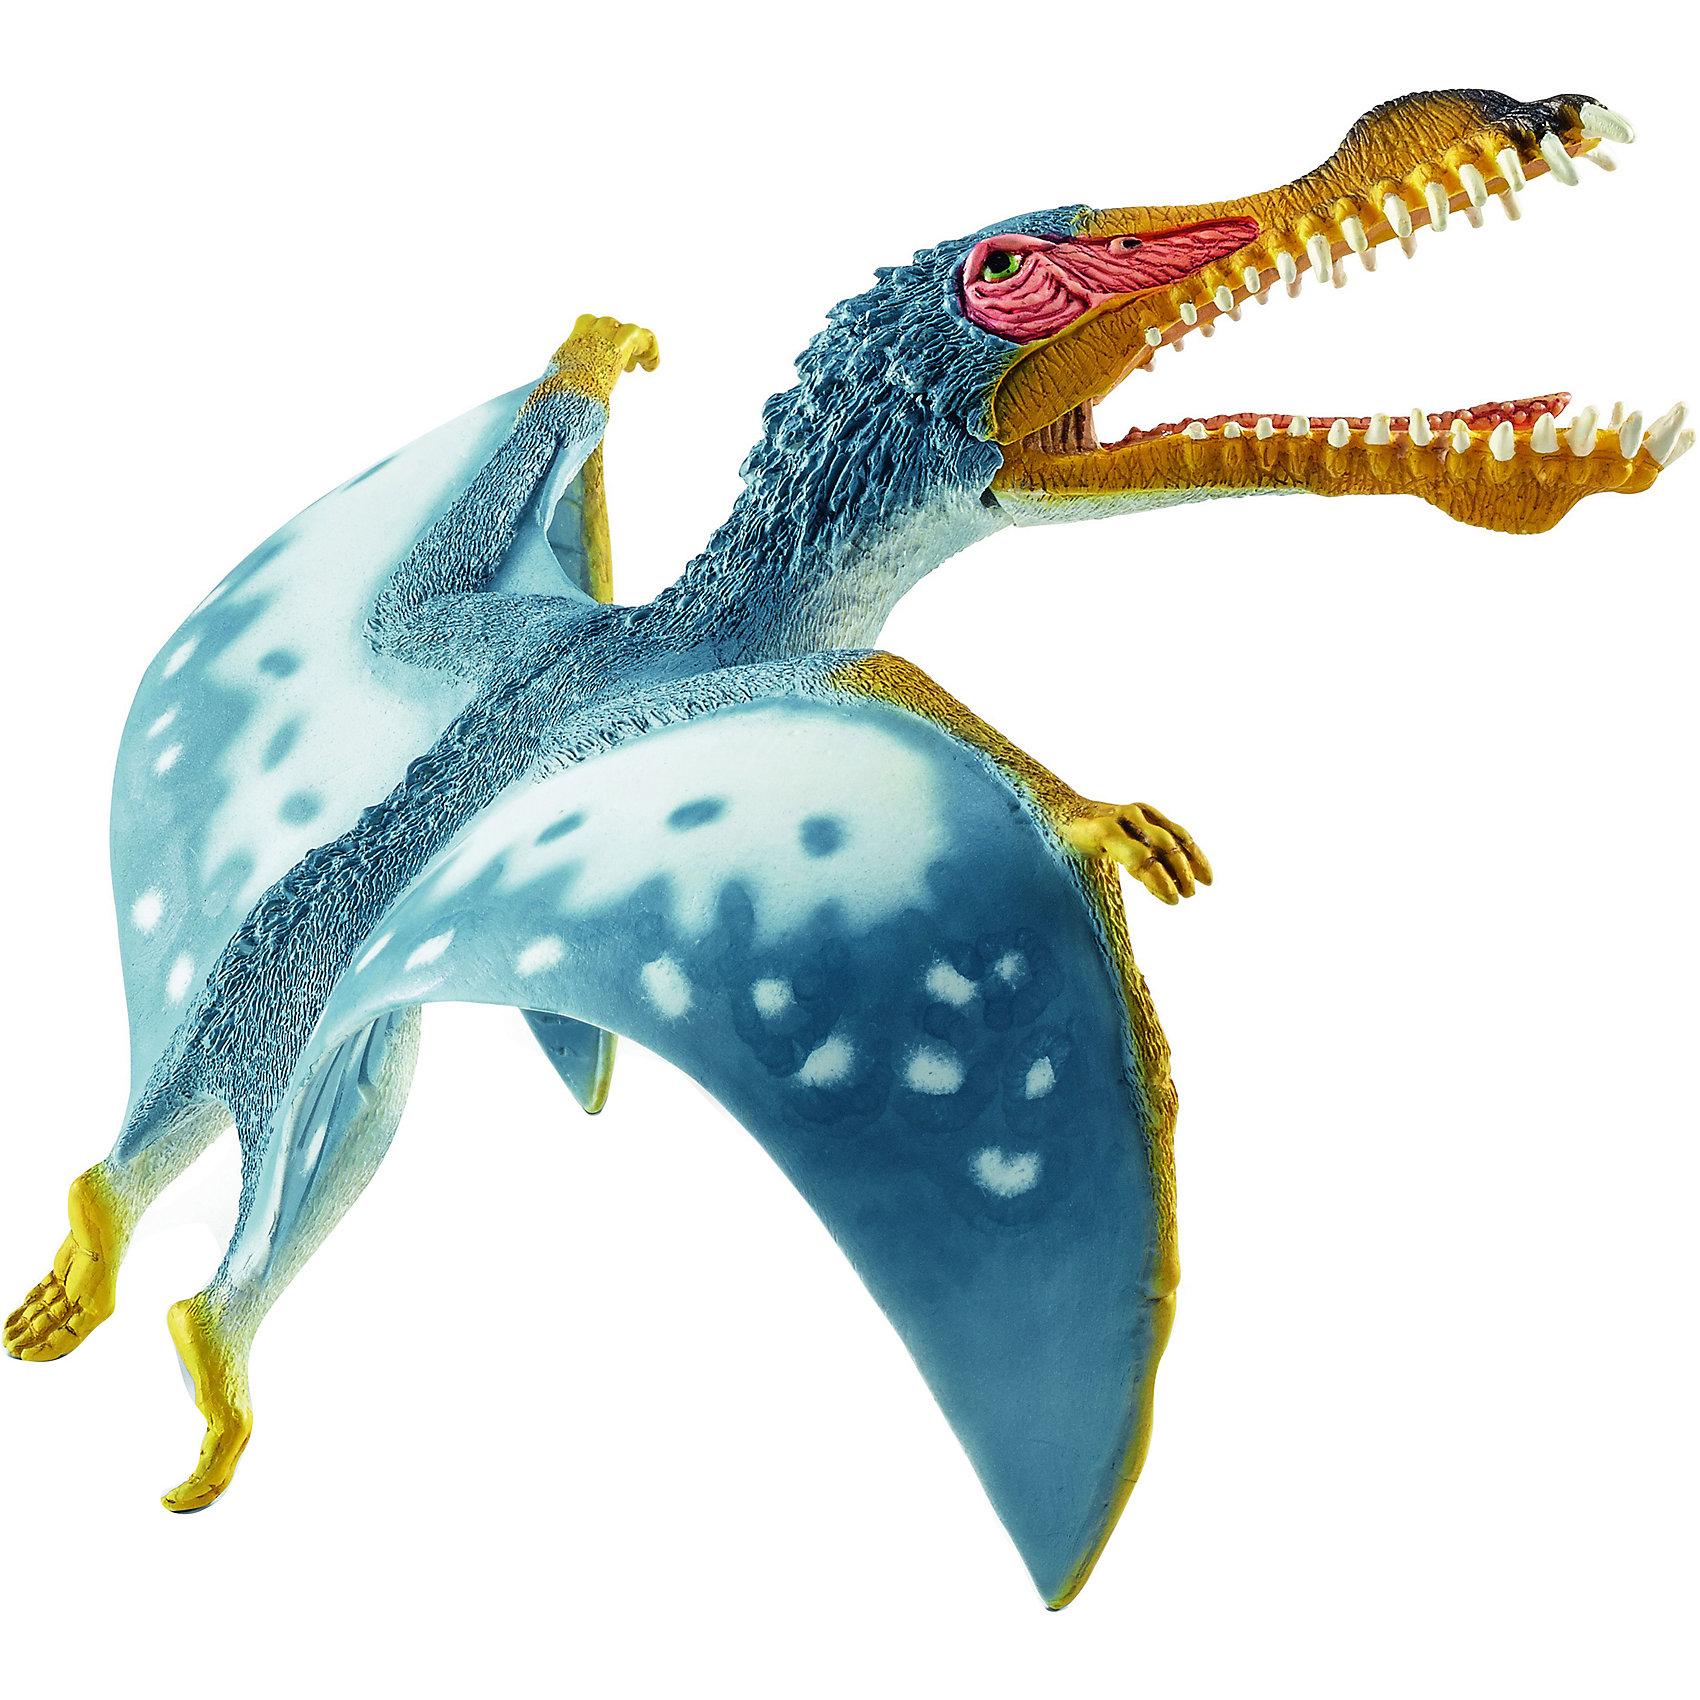 Анханкуера, SchleichДраконы и динозавры<br>Анханкуера, Schleich (Шляйх) – это высококачественная коллекционная и игровая фигурка.<br>Древнее животное Анханкуера представлено в виде фигурки птерозавра и непременно порадует маленьких любителей доисторических животных своей реалистичностью. Этот птерозавр имел узкое тело, длинный череп, похожий на голову крокодила, длинные острые зубы и очень широкие крылья. Их размах доходил до 4-х метров. <br>Прекрасно выполненные фигурки Schleich (Шляйх) отличаются высочайшим качеством игрушек ручной работы. Каждая фигурка разработана с учетом исследований в области педагогики и производится как настоящее произведение для маленьких детских ручек. Все фигурки Schleich (Шляйх) сделаны из гипоаллергенных высокотехнологичных материалов, раскрашены вручную и не вызывают аллергии у ребенка.<br><br>Дополнительная информация:<br><br>- Размер фигурки: 6 х 14,2 х 14 см.<br>- Материал: высококачественный каучуковый пластик<br><br>Фигурку Анханкуера, Schleich (Шляйх) можно купить в нашем интернет-магазине.<br><br>Ширина мм: 78<br>Глубина мм: 180<br>Высота мм: 4<br>Вес г: 62<br>Возраст от месяцев: 36<br>Возраст до месяцев: 96<br>Пол: Мужской<br>Возраст: Детский<br>SKU: 3902523